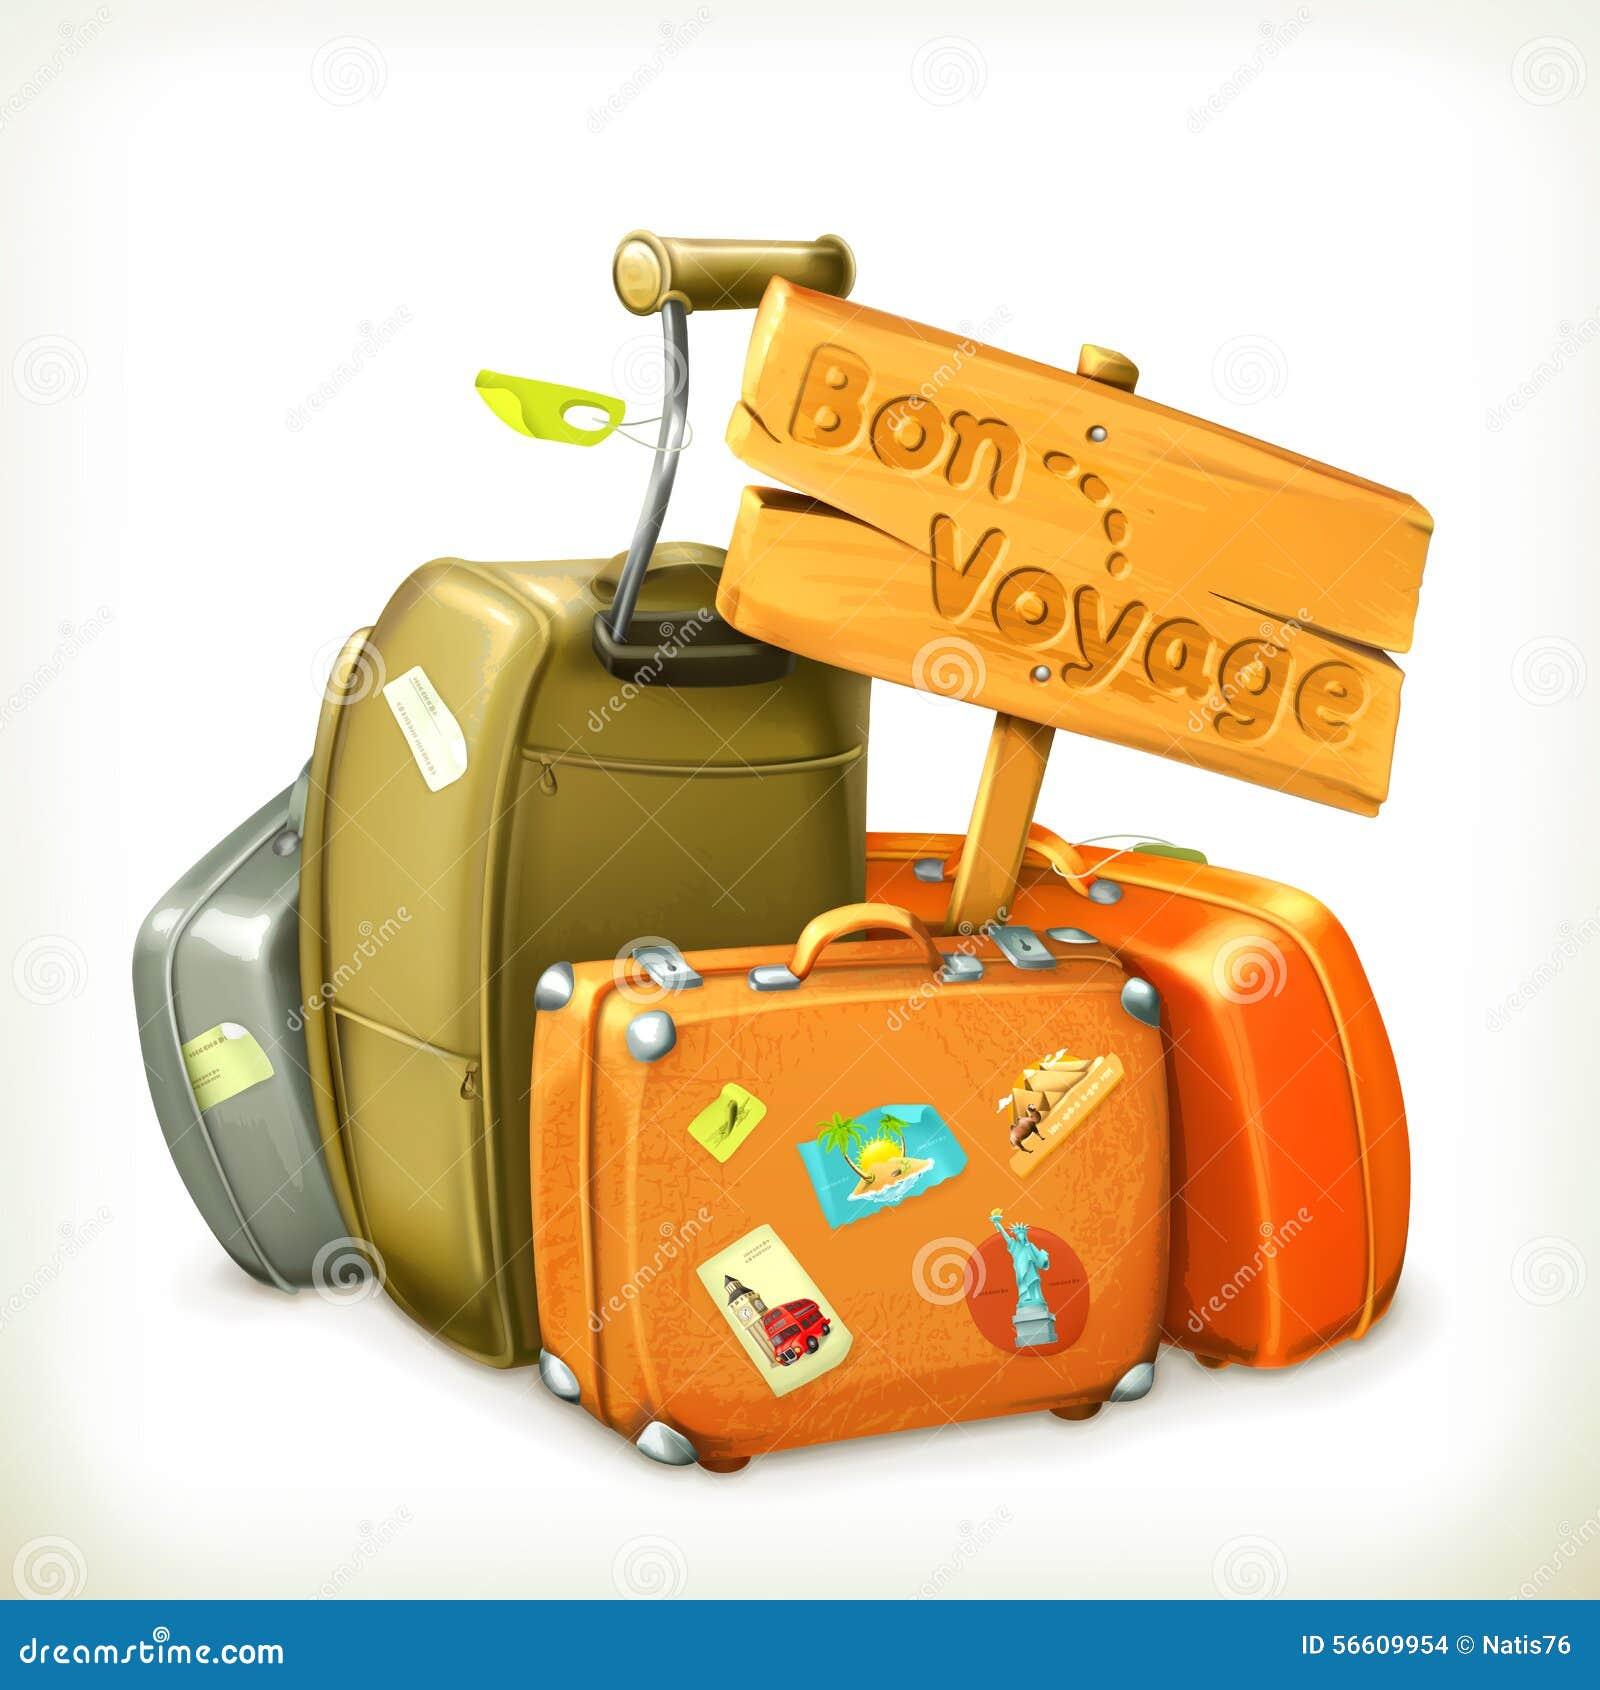 Exceptionnel Buon Viaggio Borse Di Viaggio E Del Segno Illustrazione Vettoriale  WE75